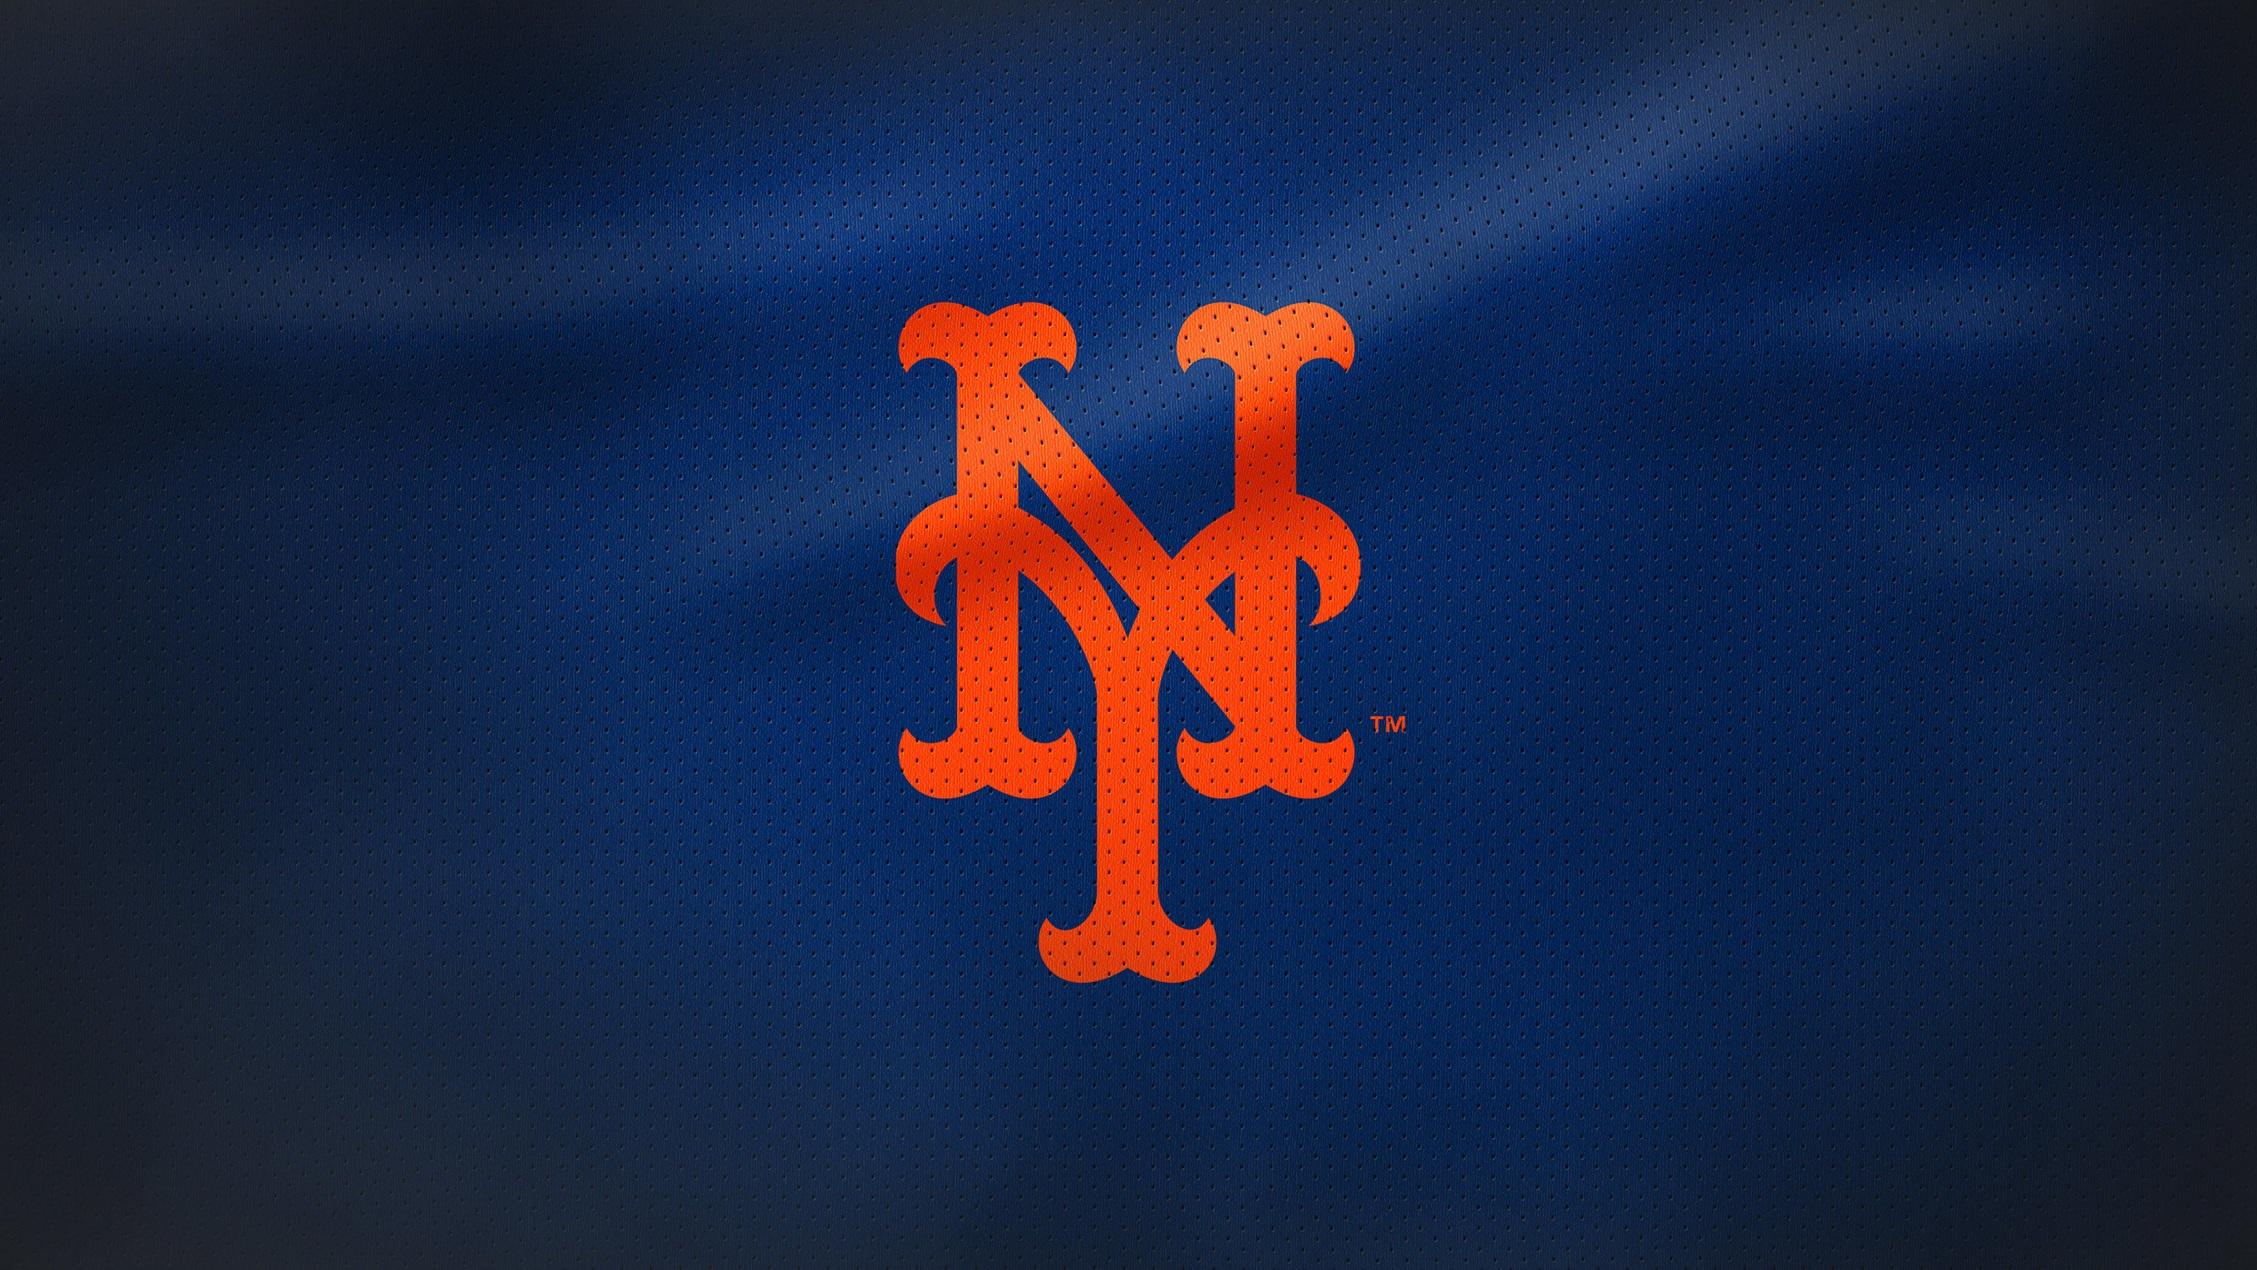 Rivalmöten - Om vi bortser från det faktum att alla klubbar alltid vill besegra Yankees så är lagets största rivaler Boston Red Sox, Toronto Blue Jays och även New York Mets. Mötena mellan Yankees och Mets går ofta hett till då det är citylaget Yankees mot förorternas Mets.